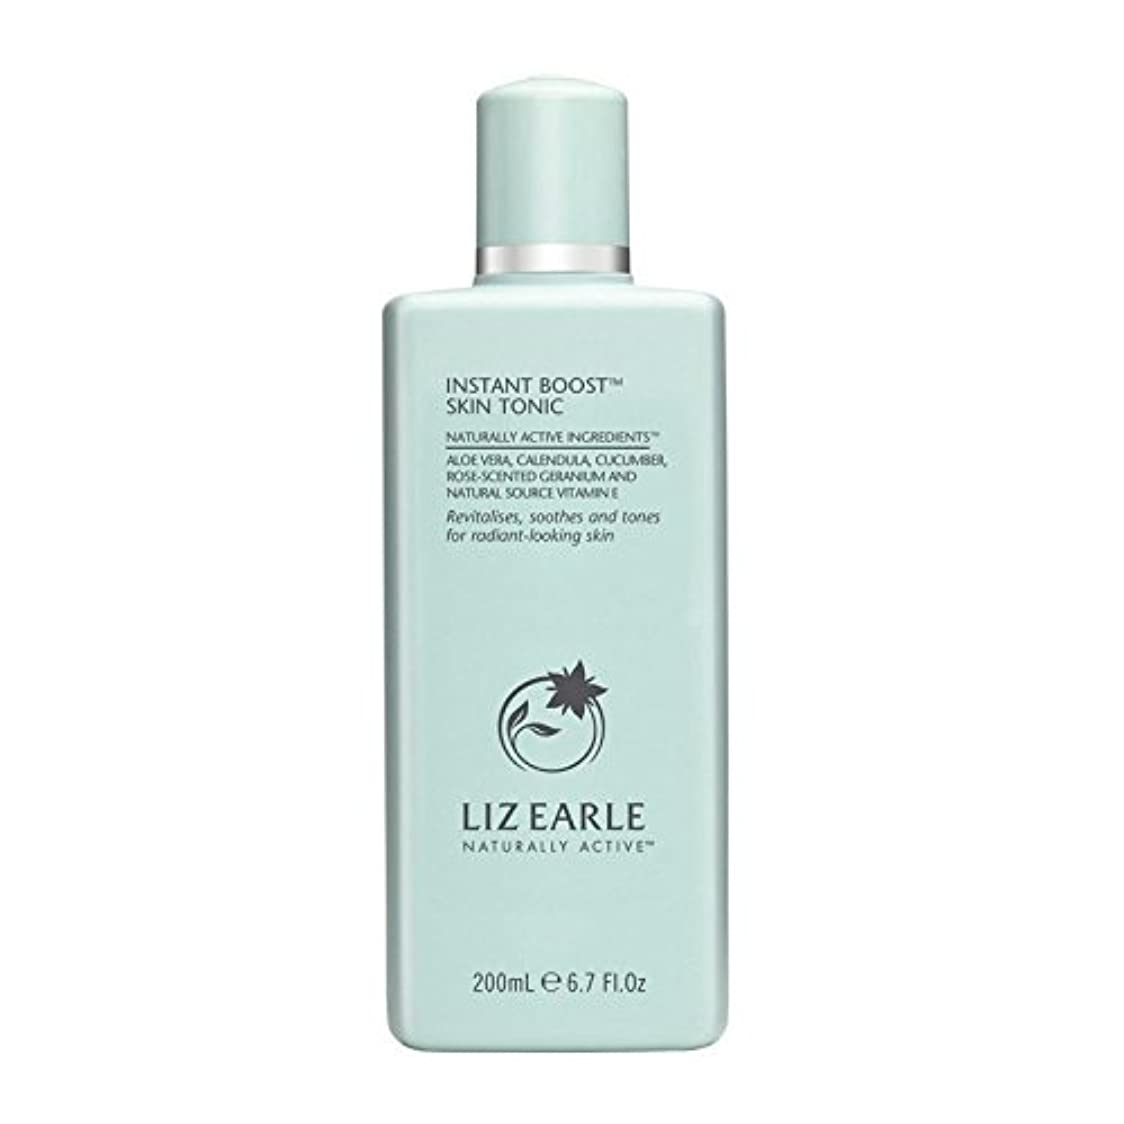 コメンテーター胃永久Liz Earle Instant Boost Skin Tonic Bottle 200ml - リズアールインスタントブーストスキントニックボトル200ミリリットル [並行輸入品]